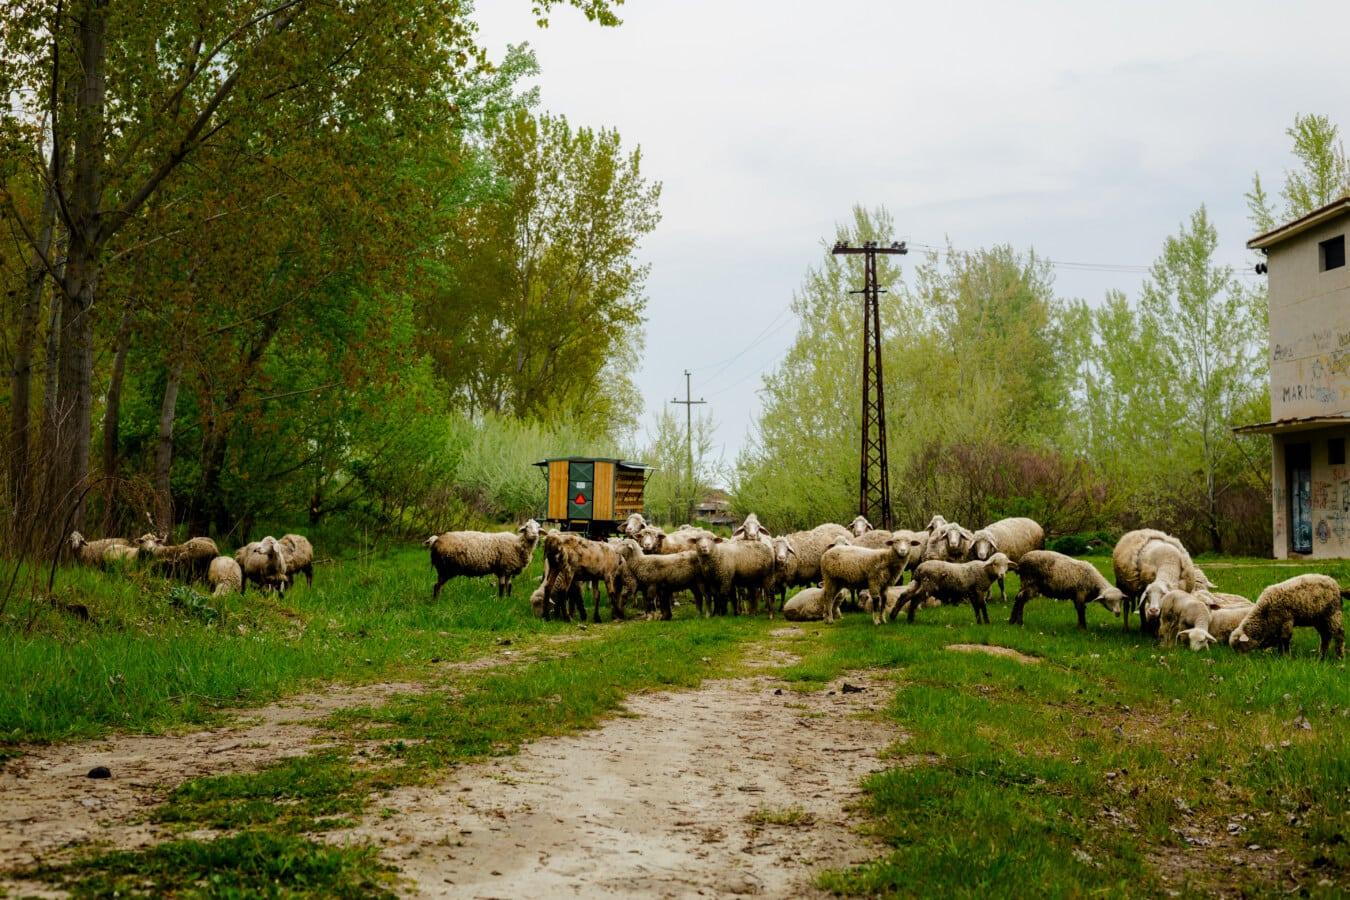 Schafe, des ländlichen Raums, Dorf, Straße, Bauernhof, Ranch, Gras, Vieh, Landschaft, Landwirtschaft